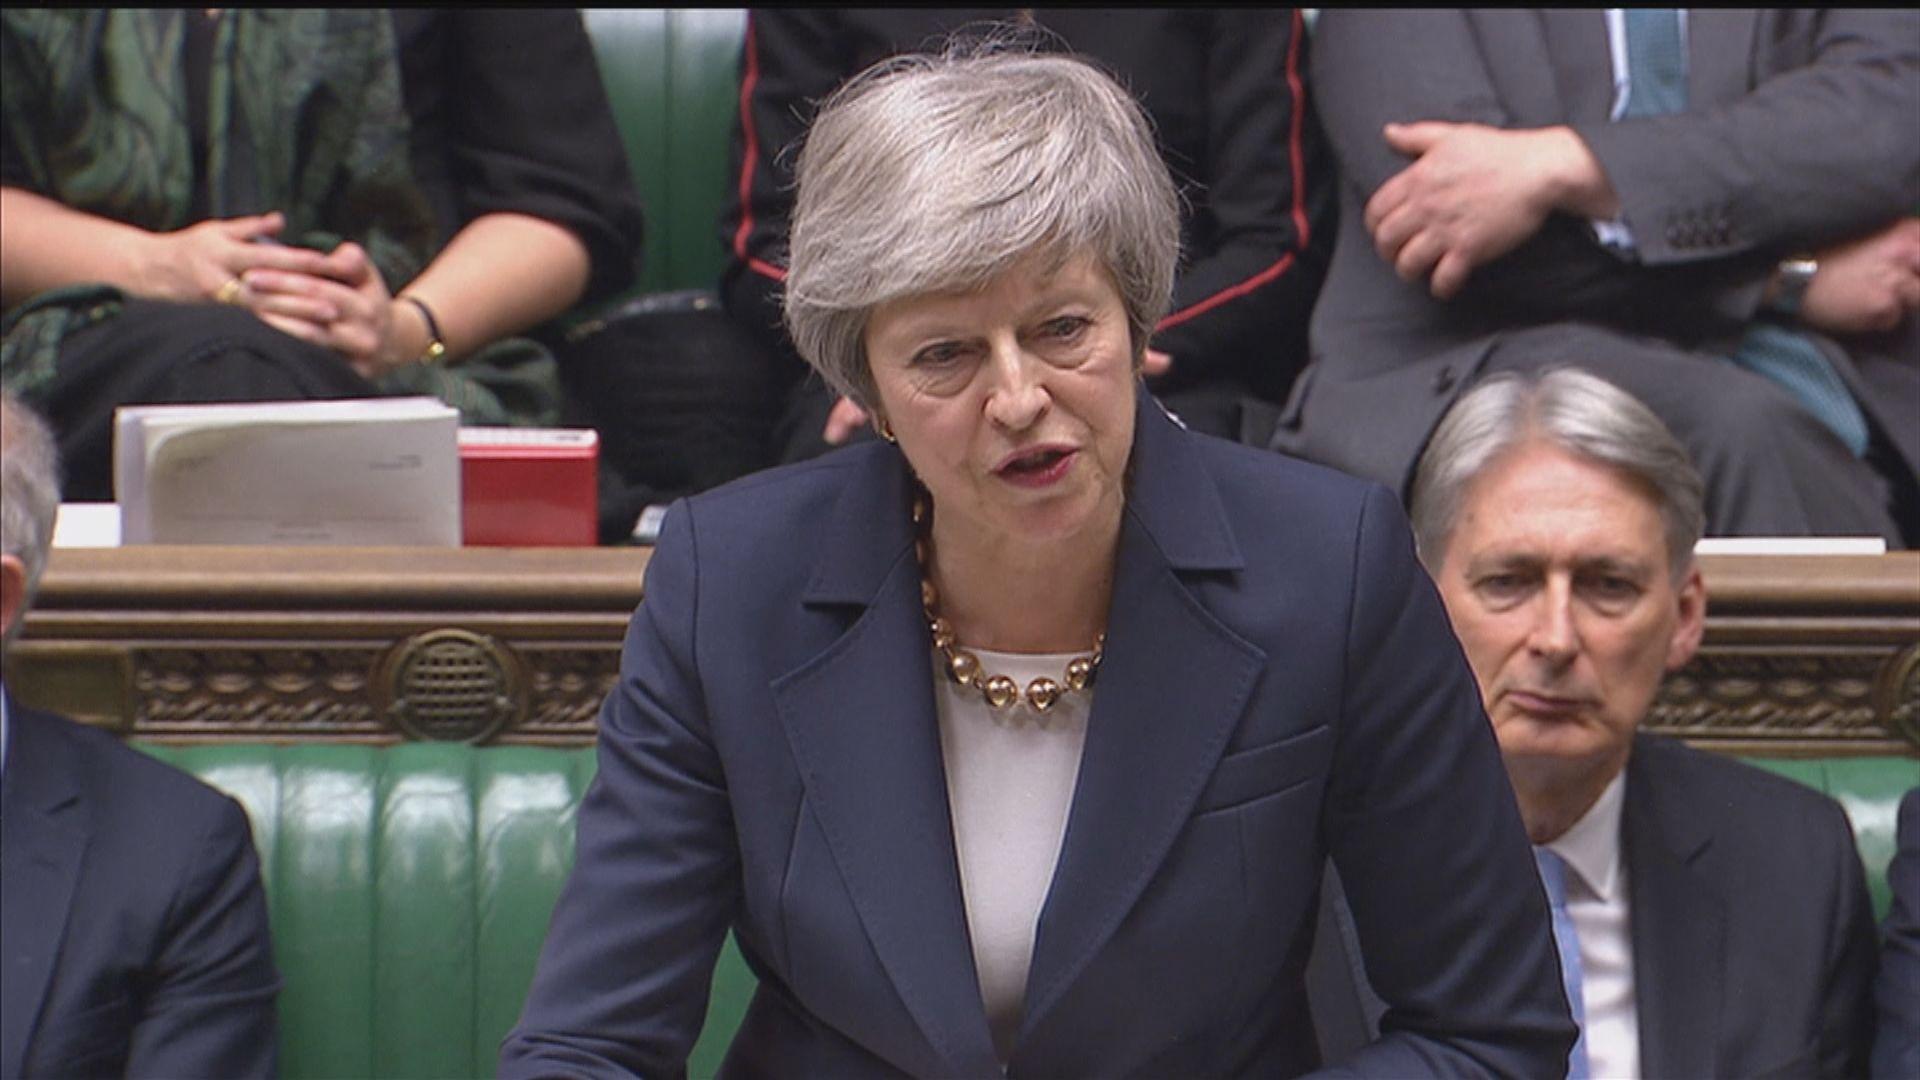 英國國會通過指摘政府藐視國會議案